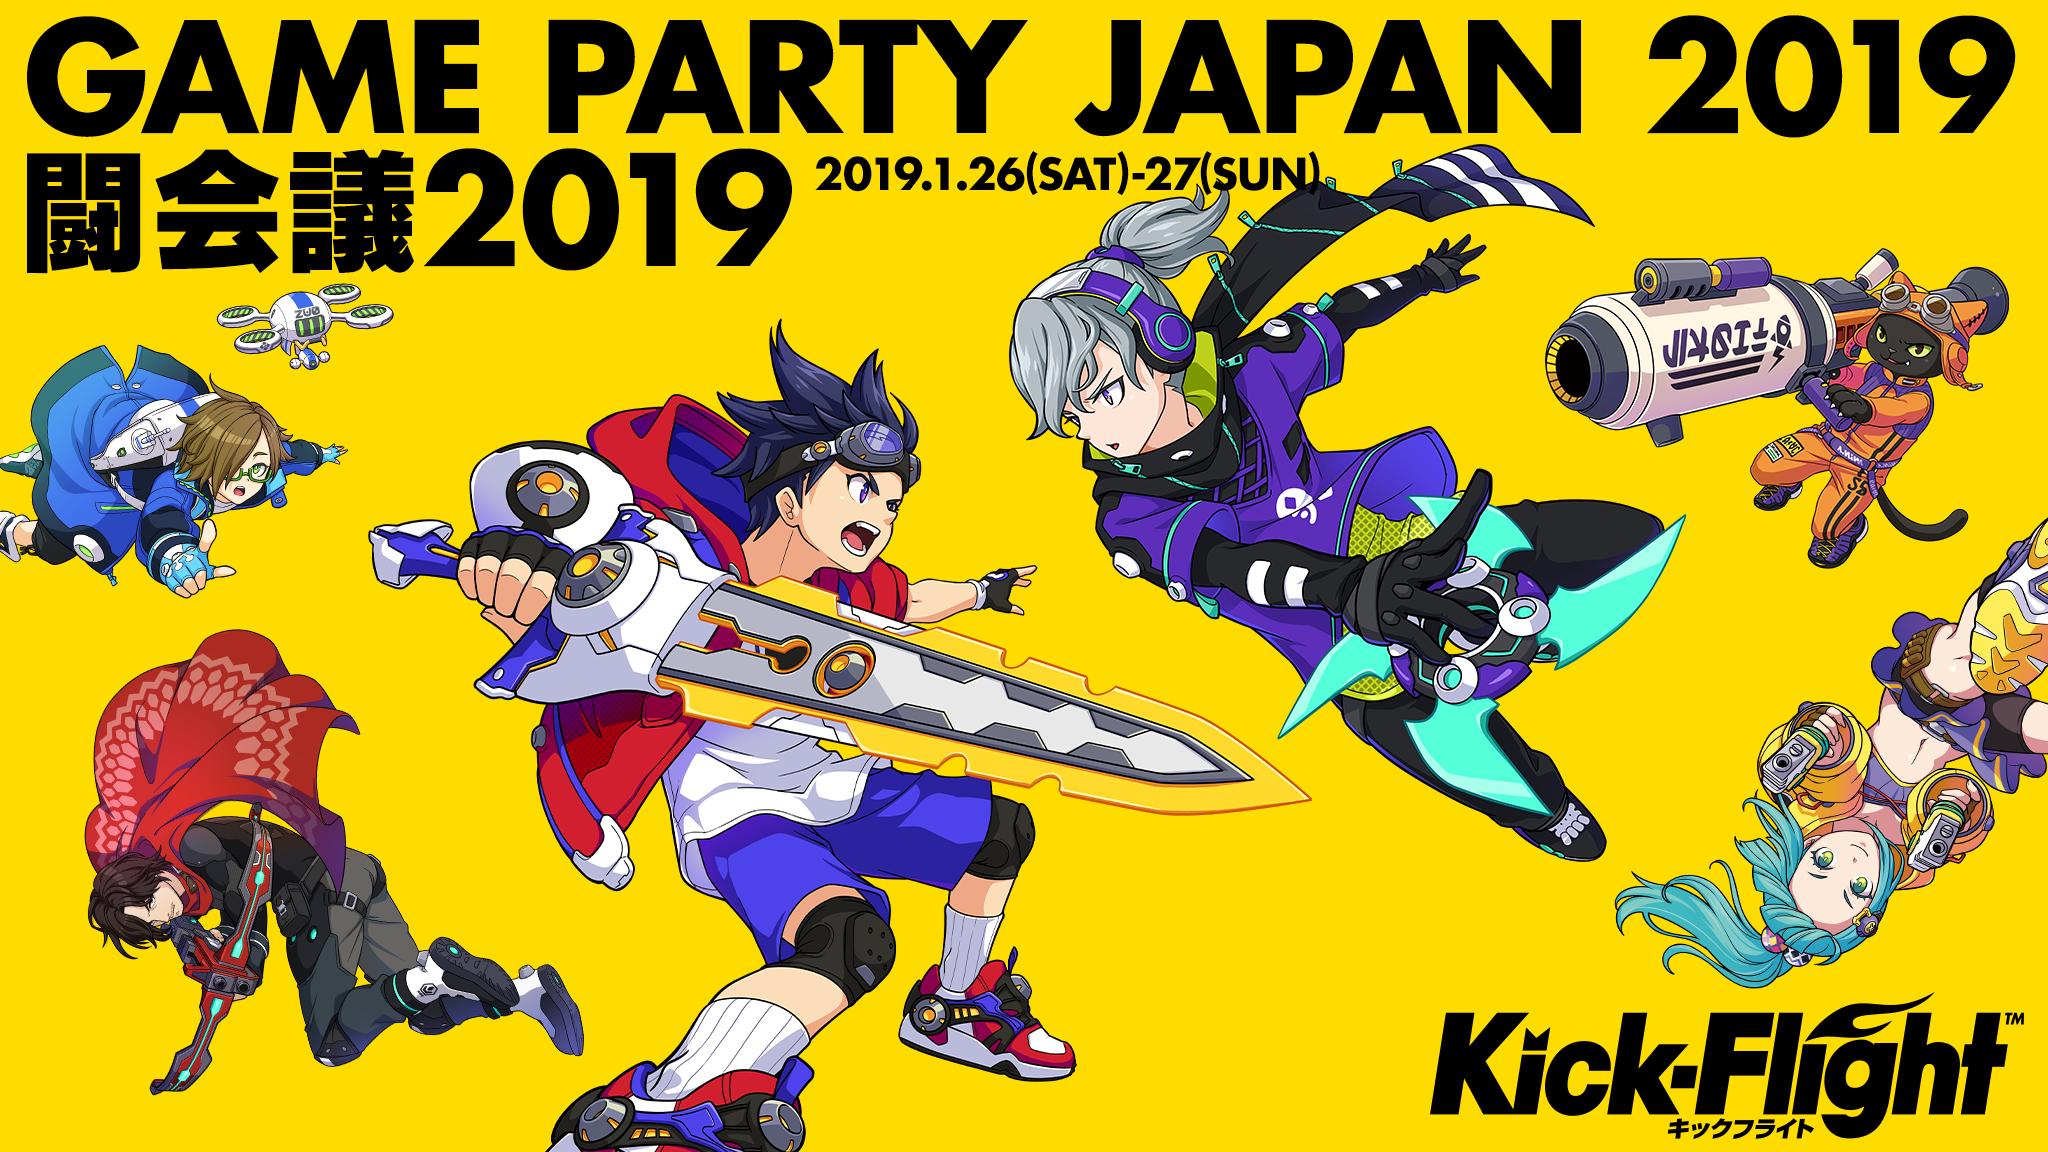 新作スマホゲーム「キックフライト」、企画盛りだくさんの「闘会議2019」出展ブースに水沢柚乃ら公式コスプレイヤー5名が登場!